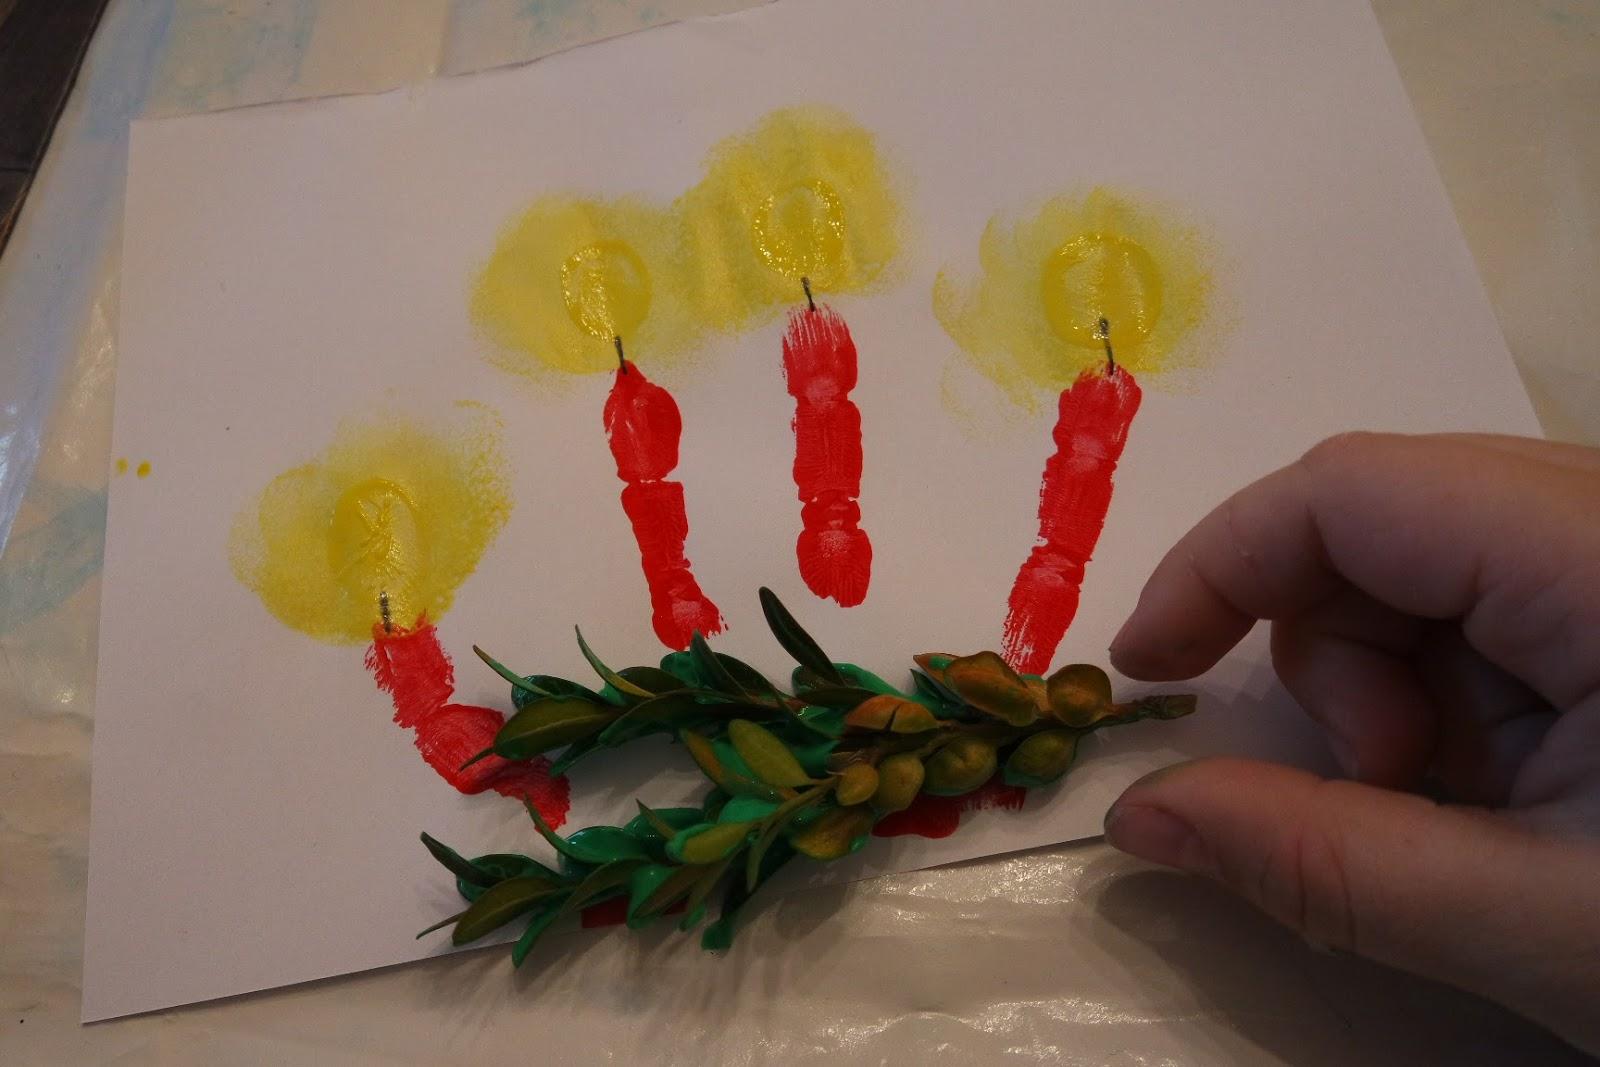 Pamelopee Kinder Malen Weihnachtsbilder Mit Fingerfarben